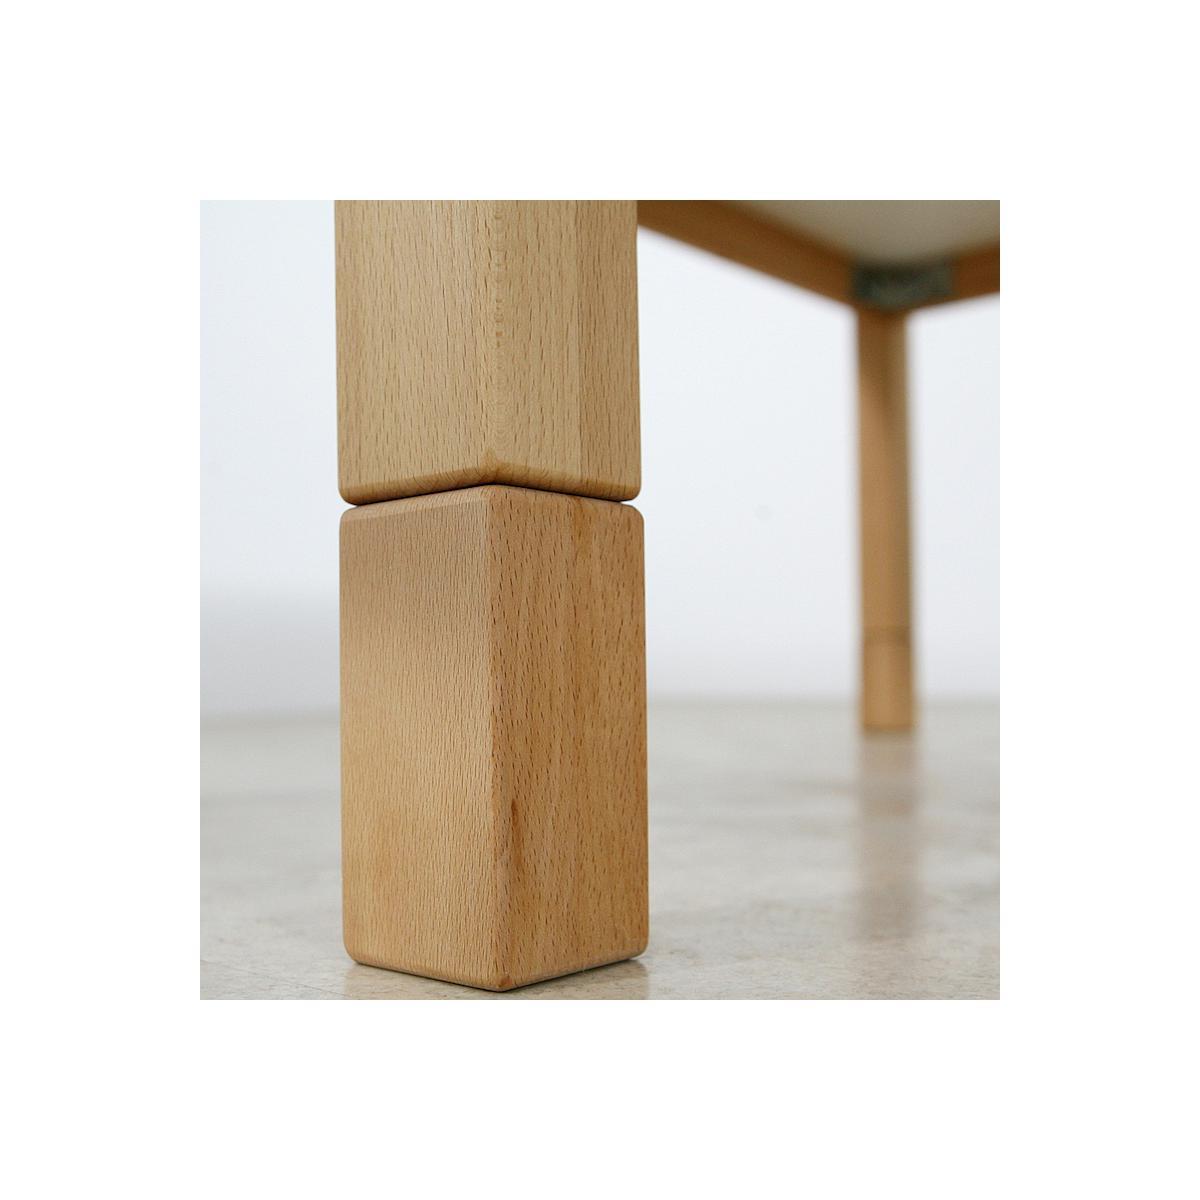 Kindertisch DESTYLE de Breuyn 60x90cm Buche massiv-natur geölt